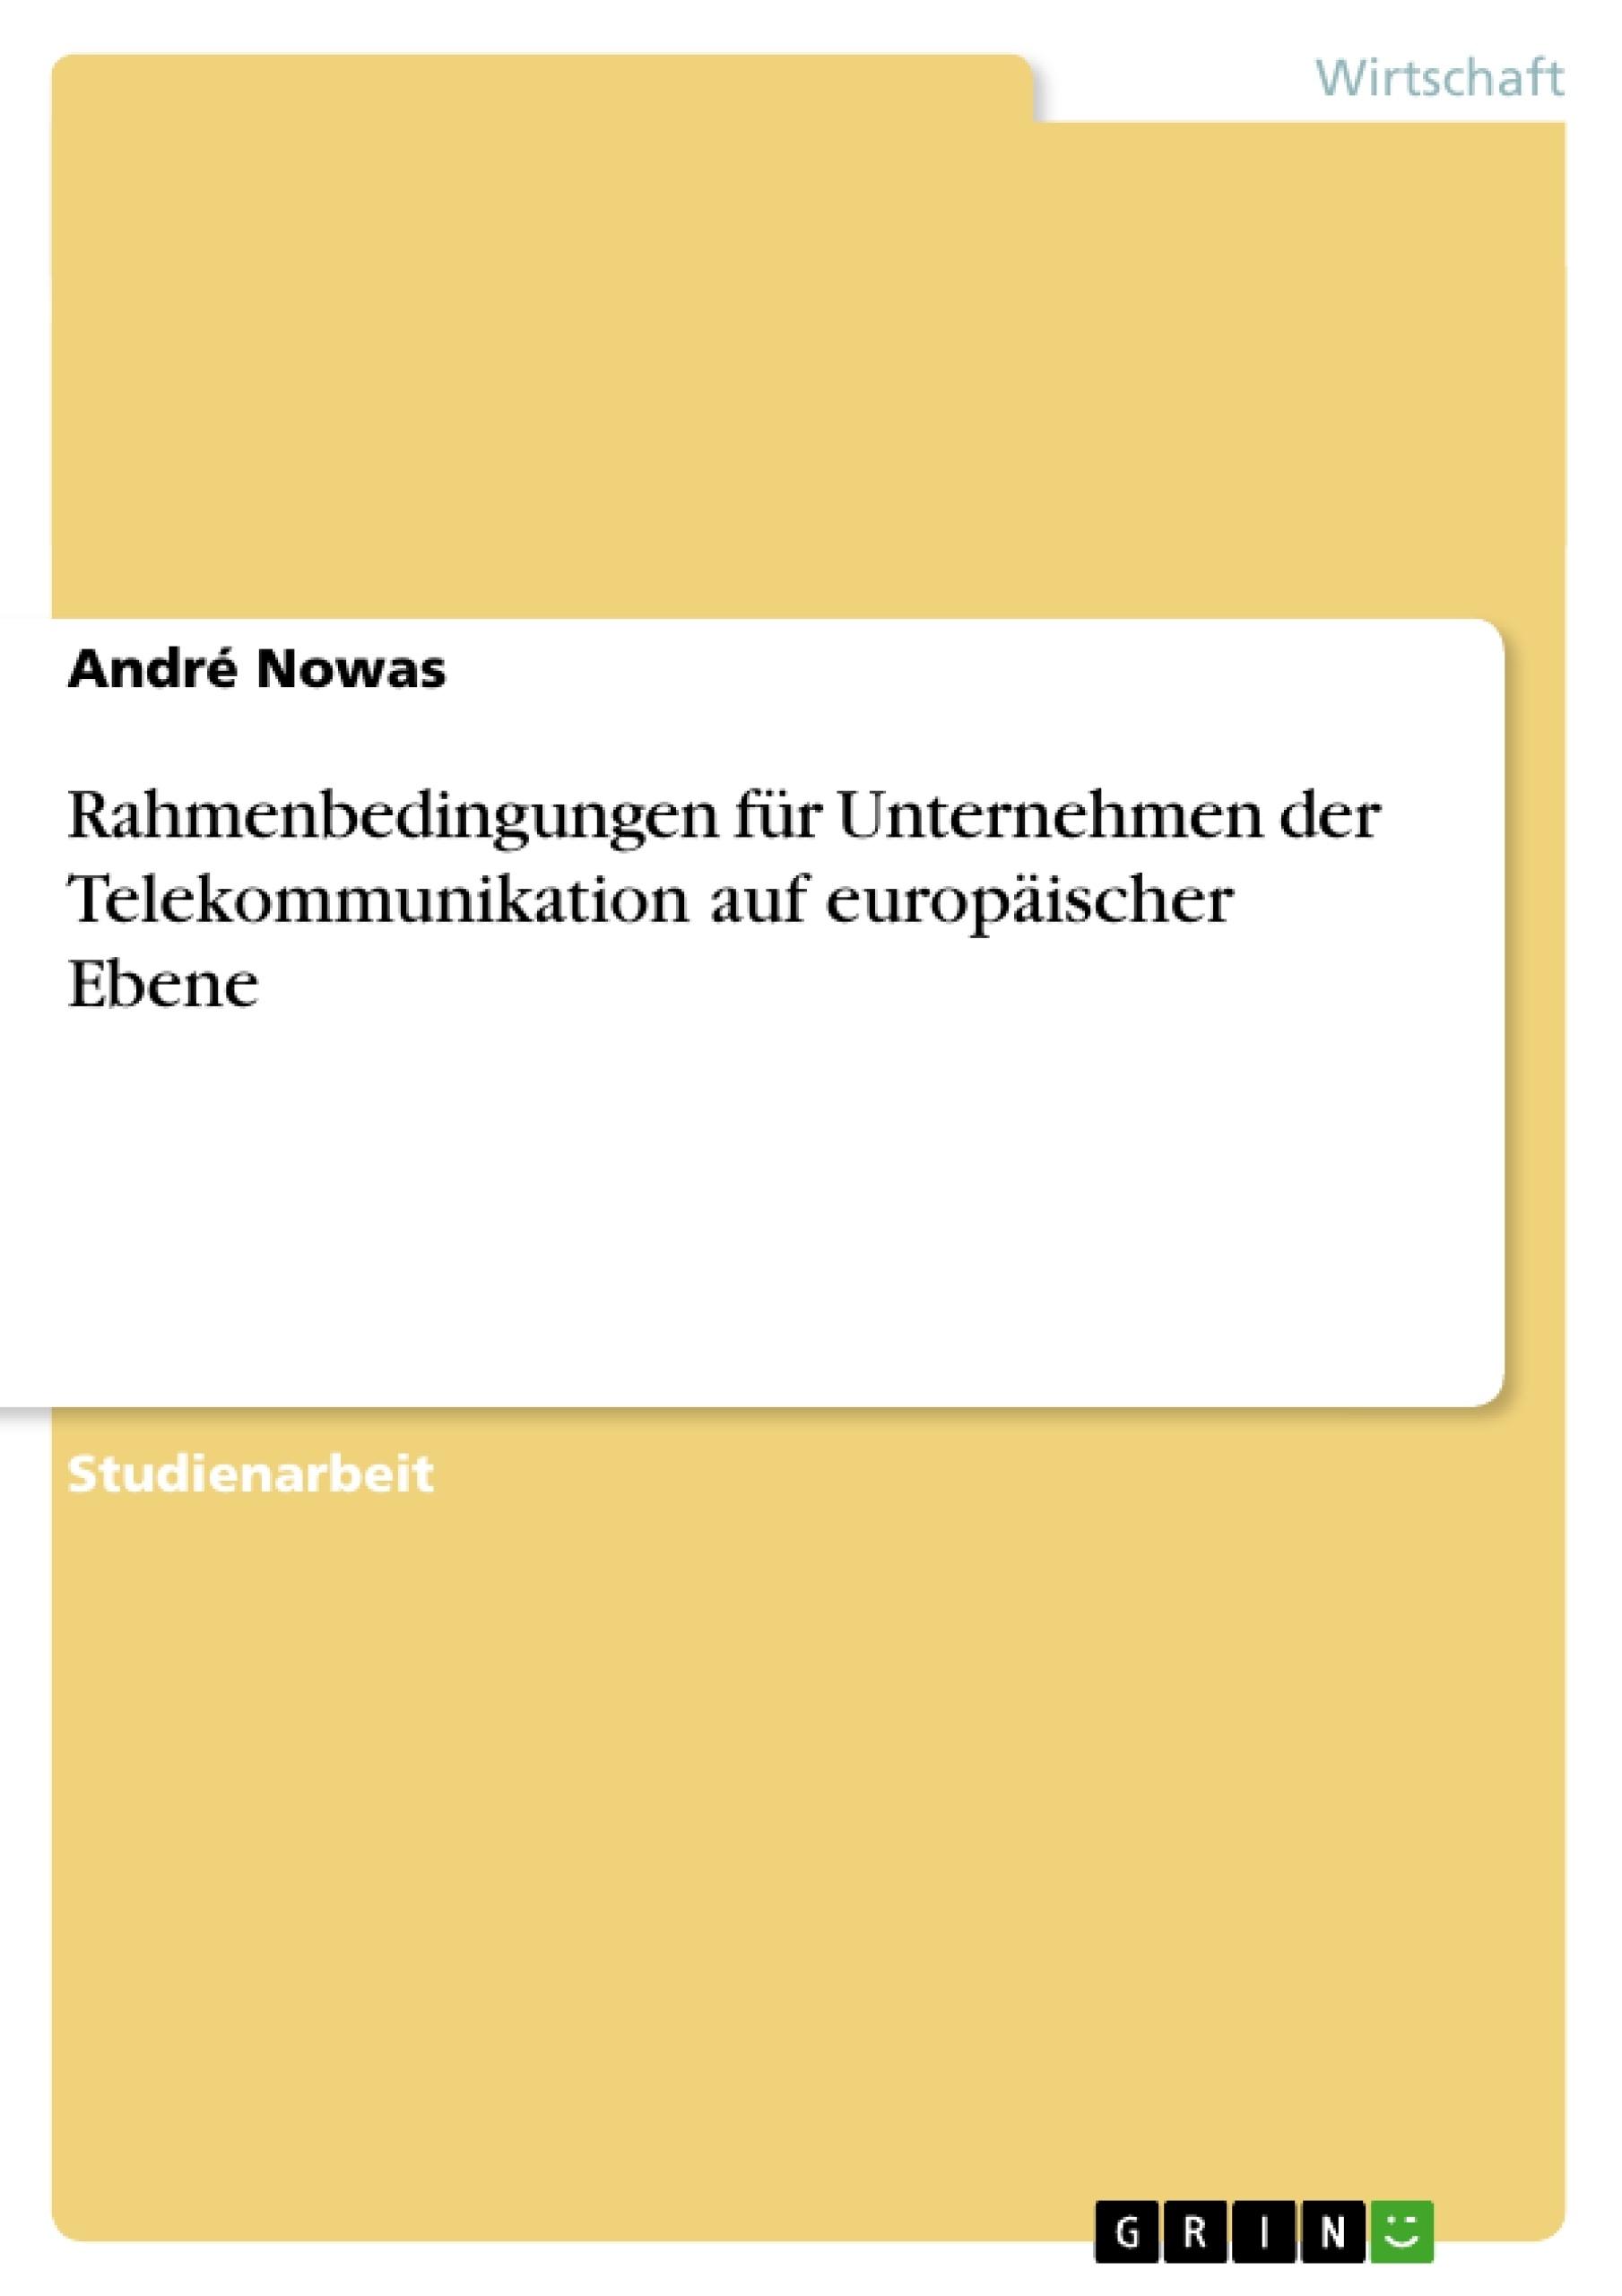 Titel: Rahmenbedingungen für Unternehmen der Telekommunikation auf europäischer Ebene